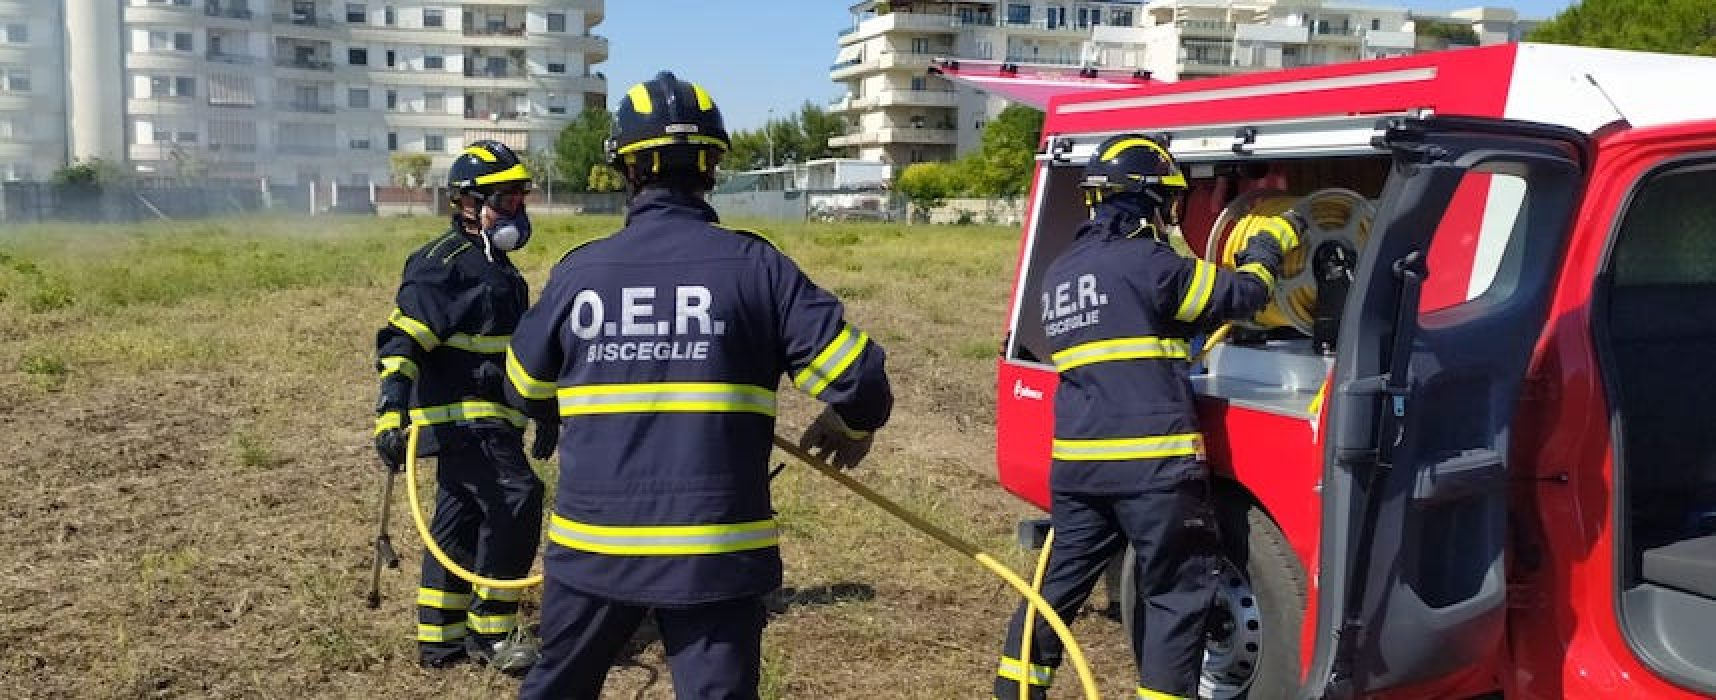 Anche gli operatori emergenza radio di Bisceglie al corso  antincendio boschivo / FOTO